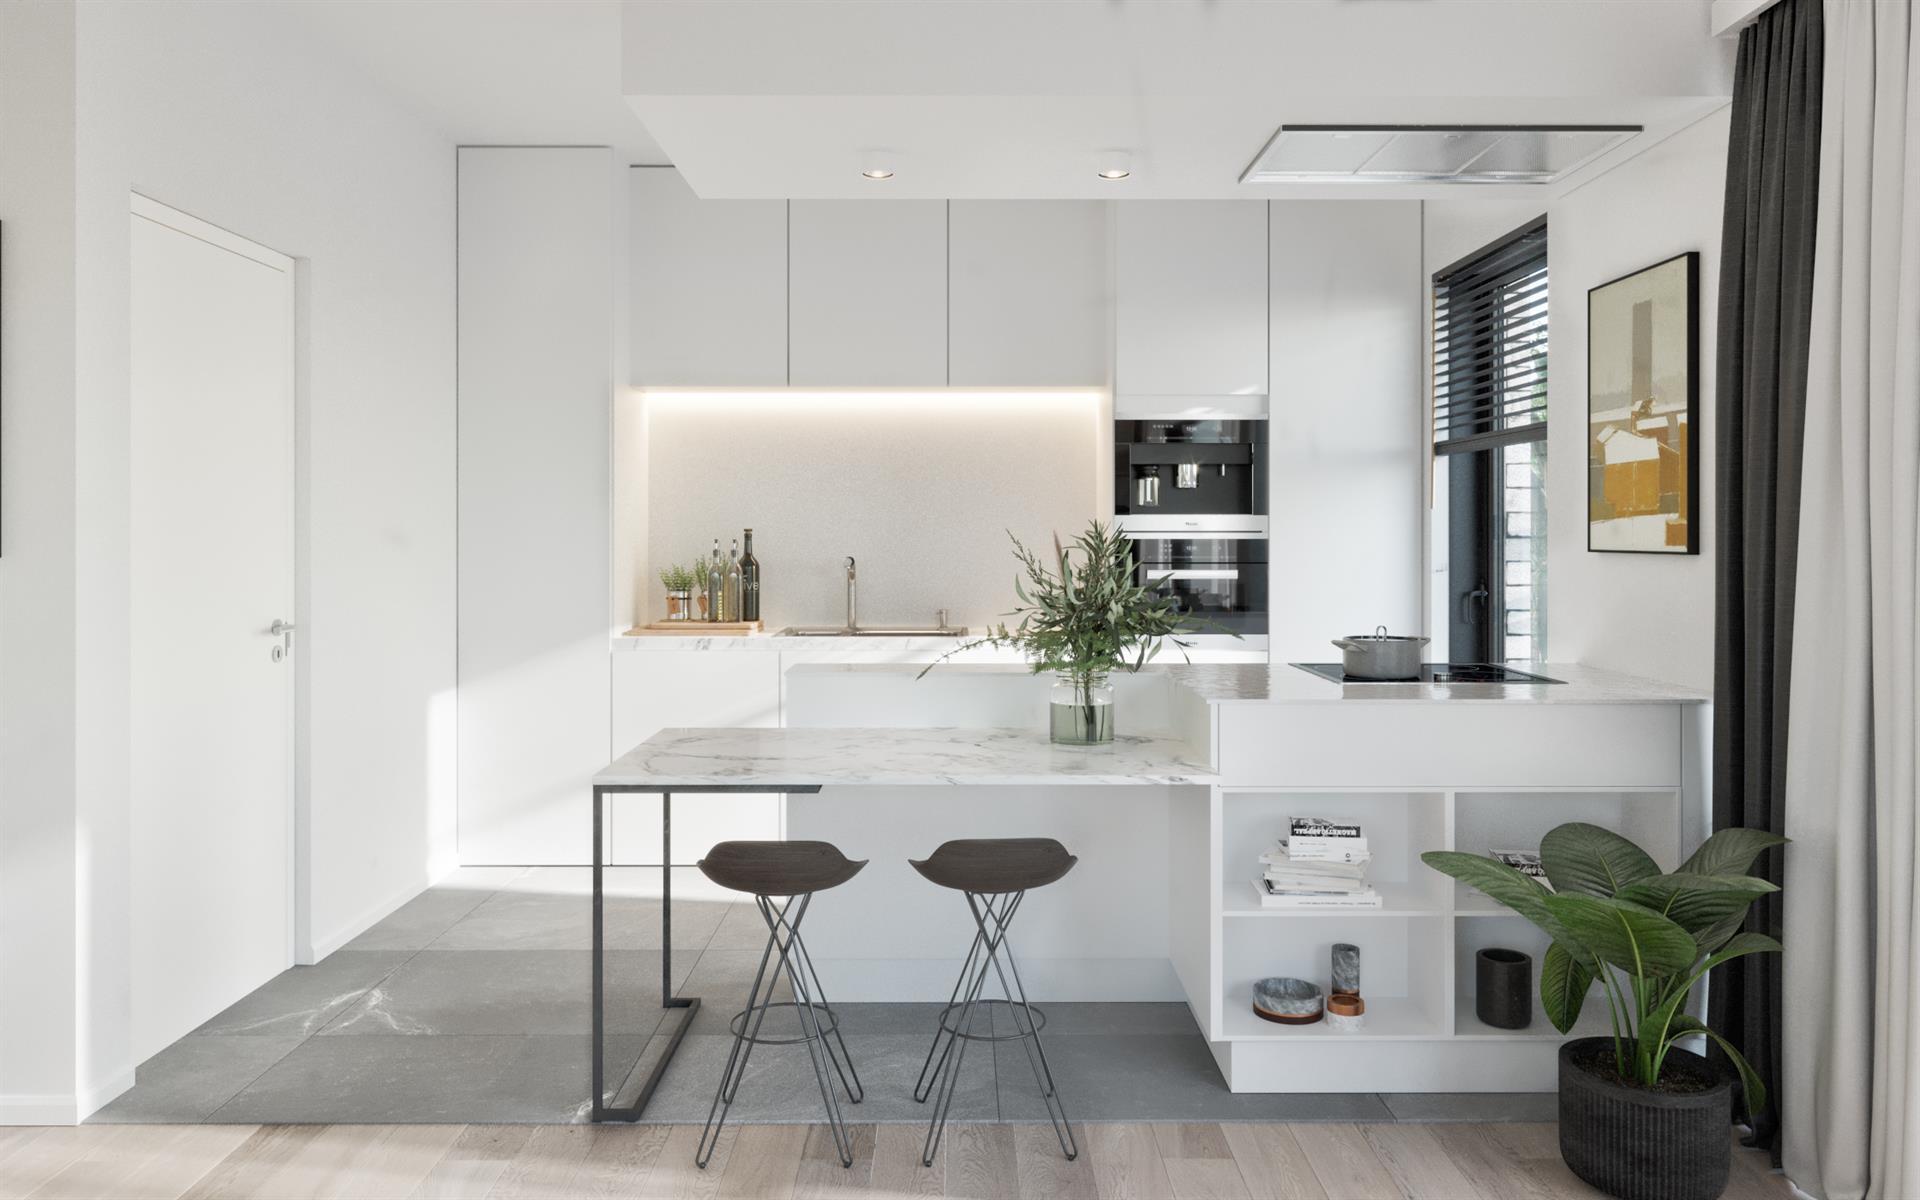 Appartement Te koop Gent Wondelgem App 129-302